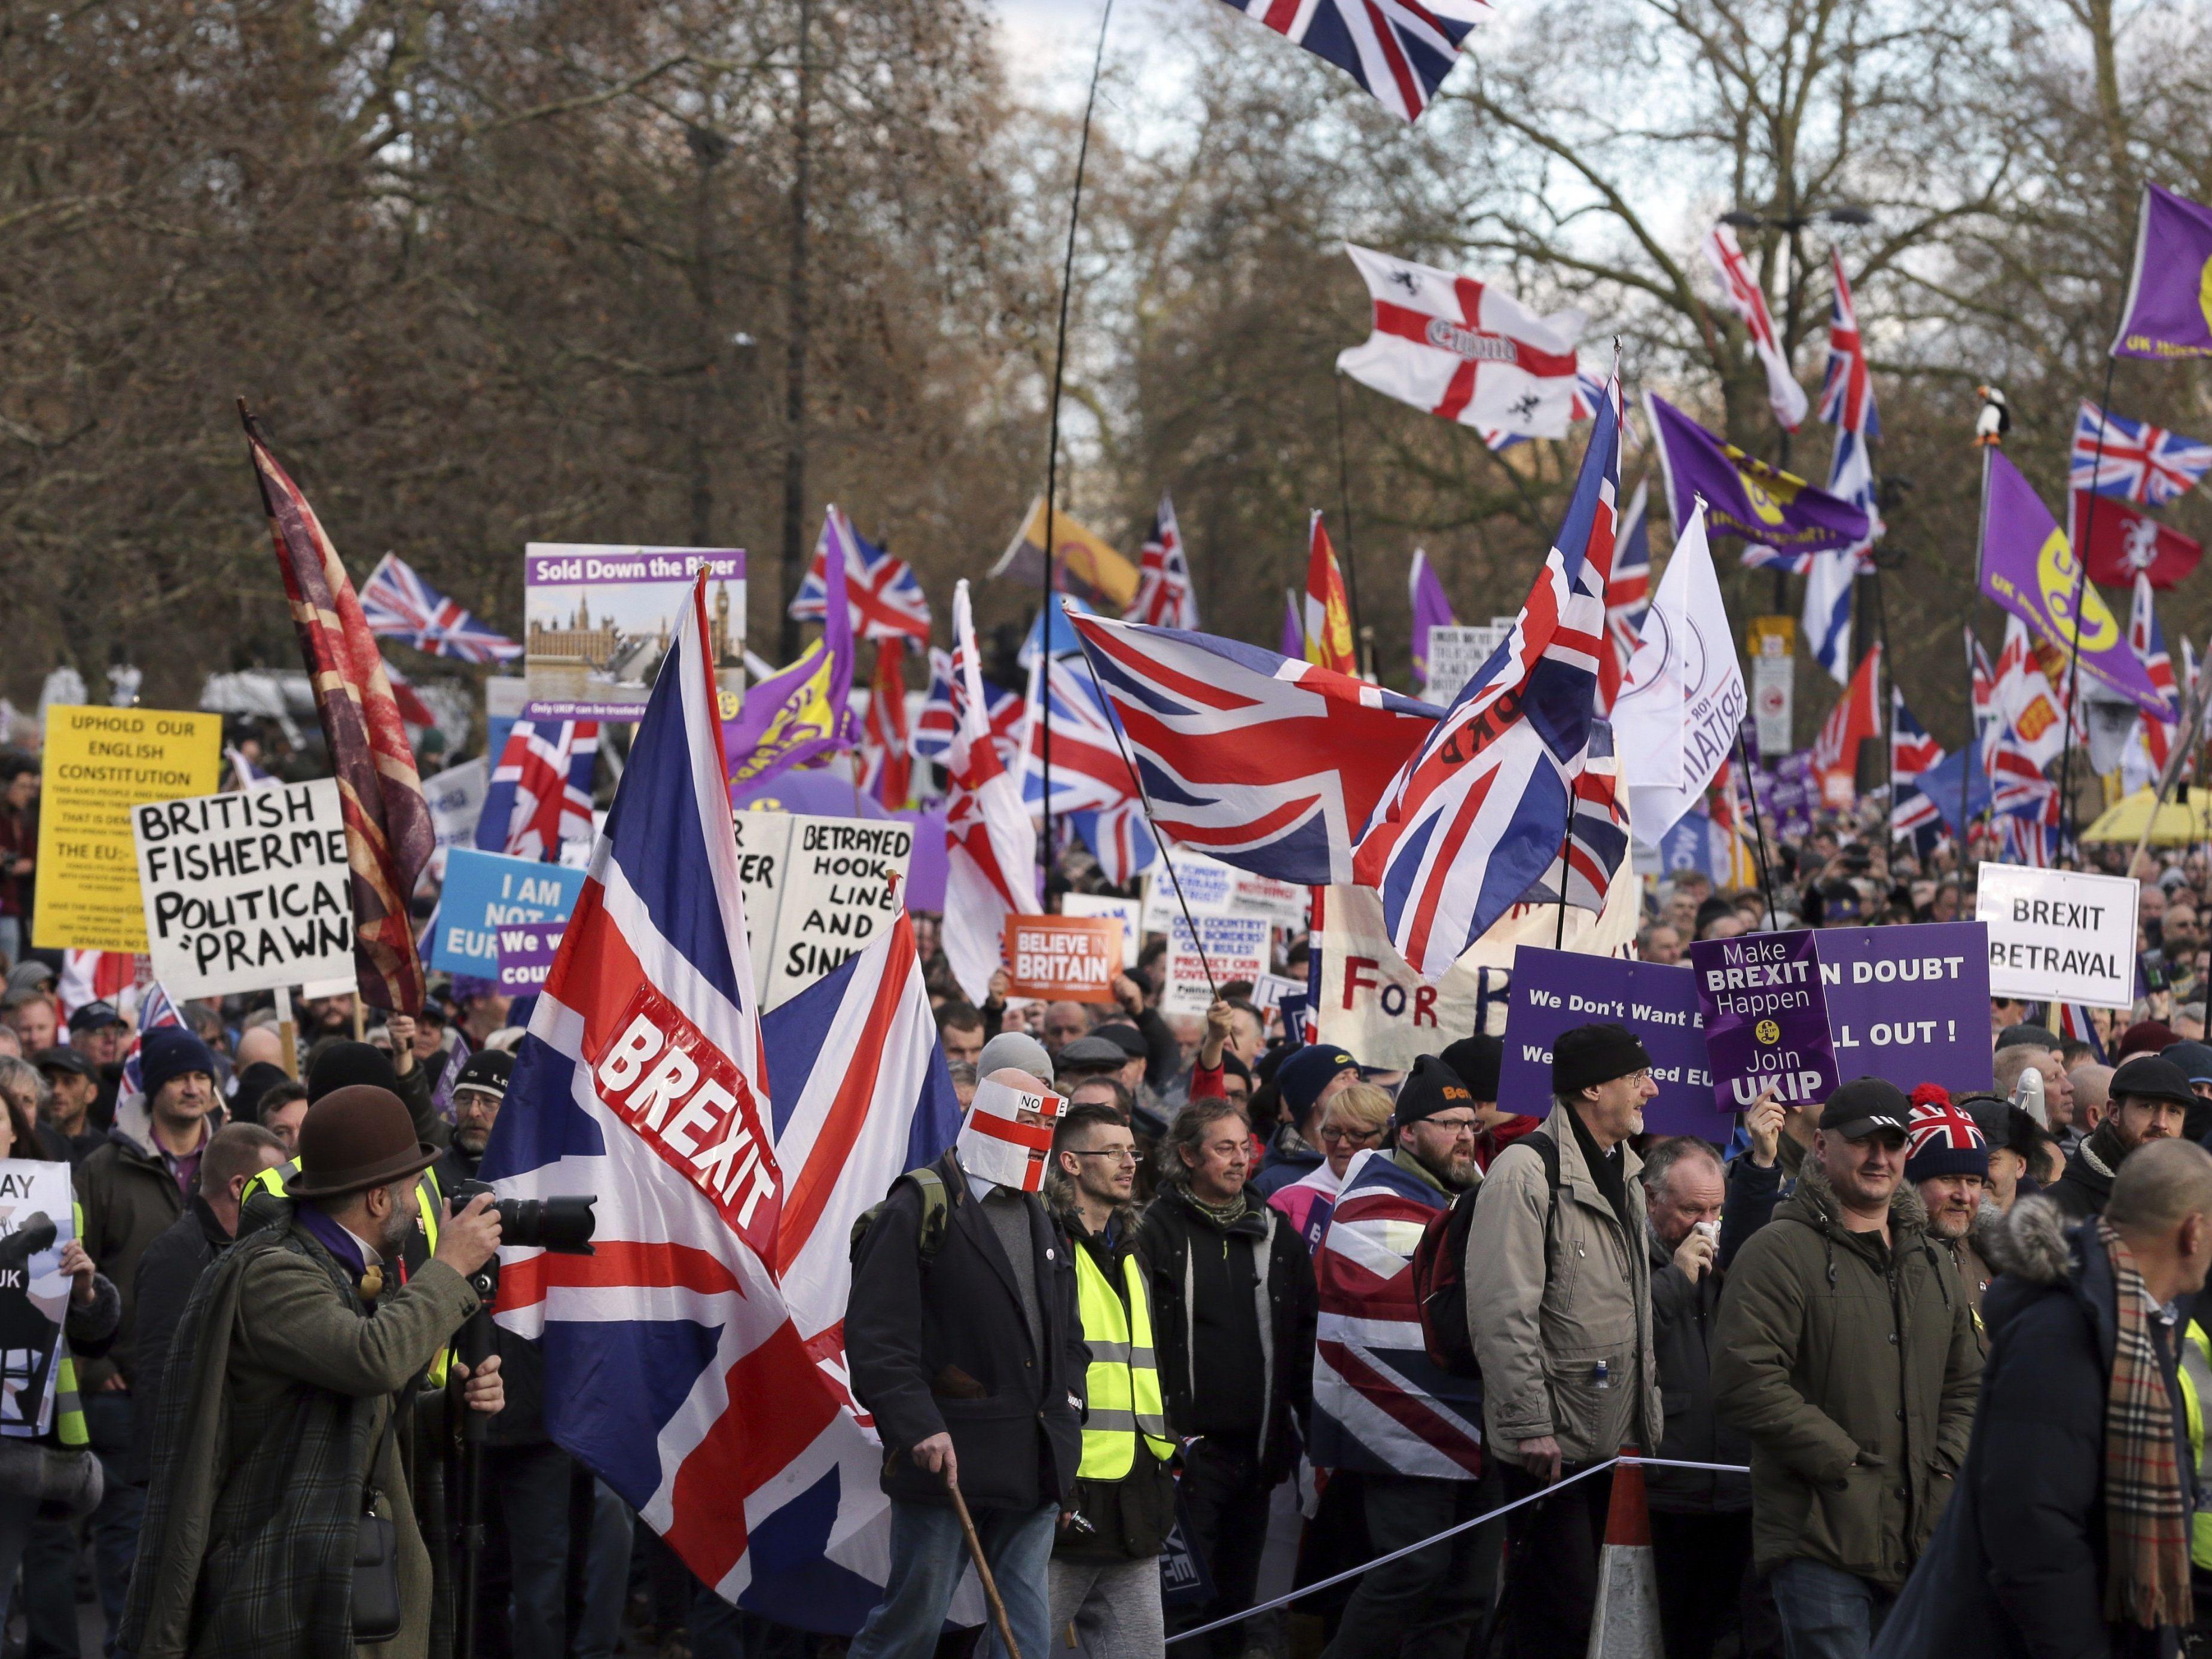 EuGH: London könnte Brexit einfach zurücknehmen